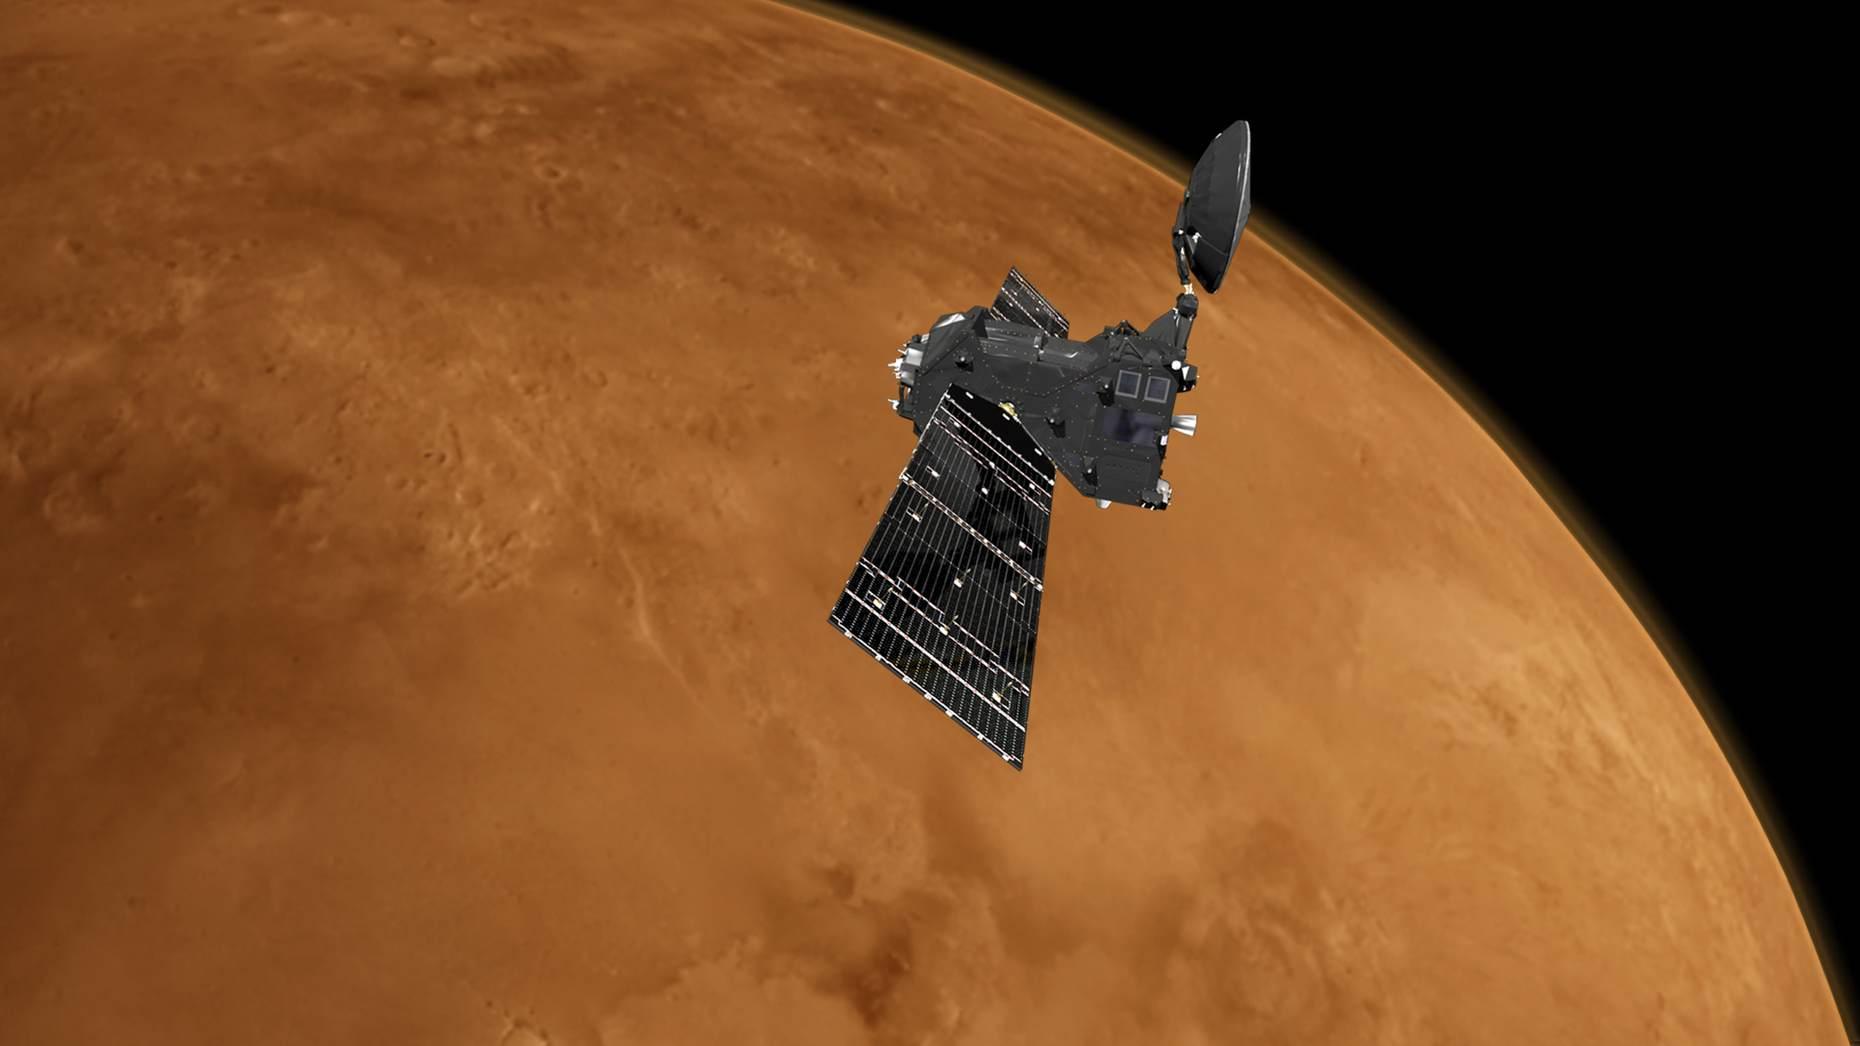 Орбитальный модуль TGO после отделения спускаемого аппарата Schiaparelli (изображение: ESA),